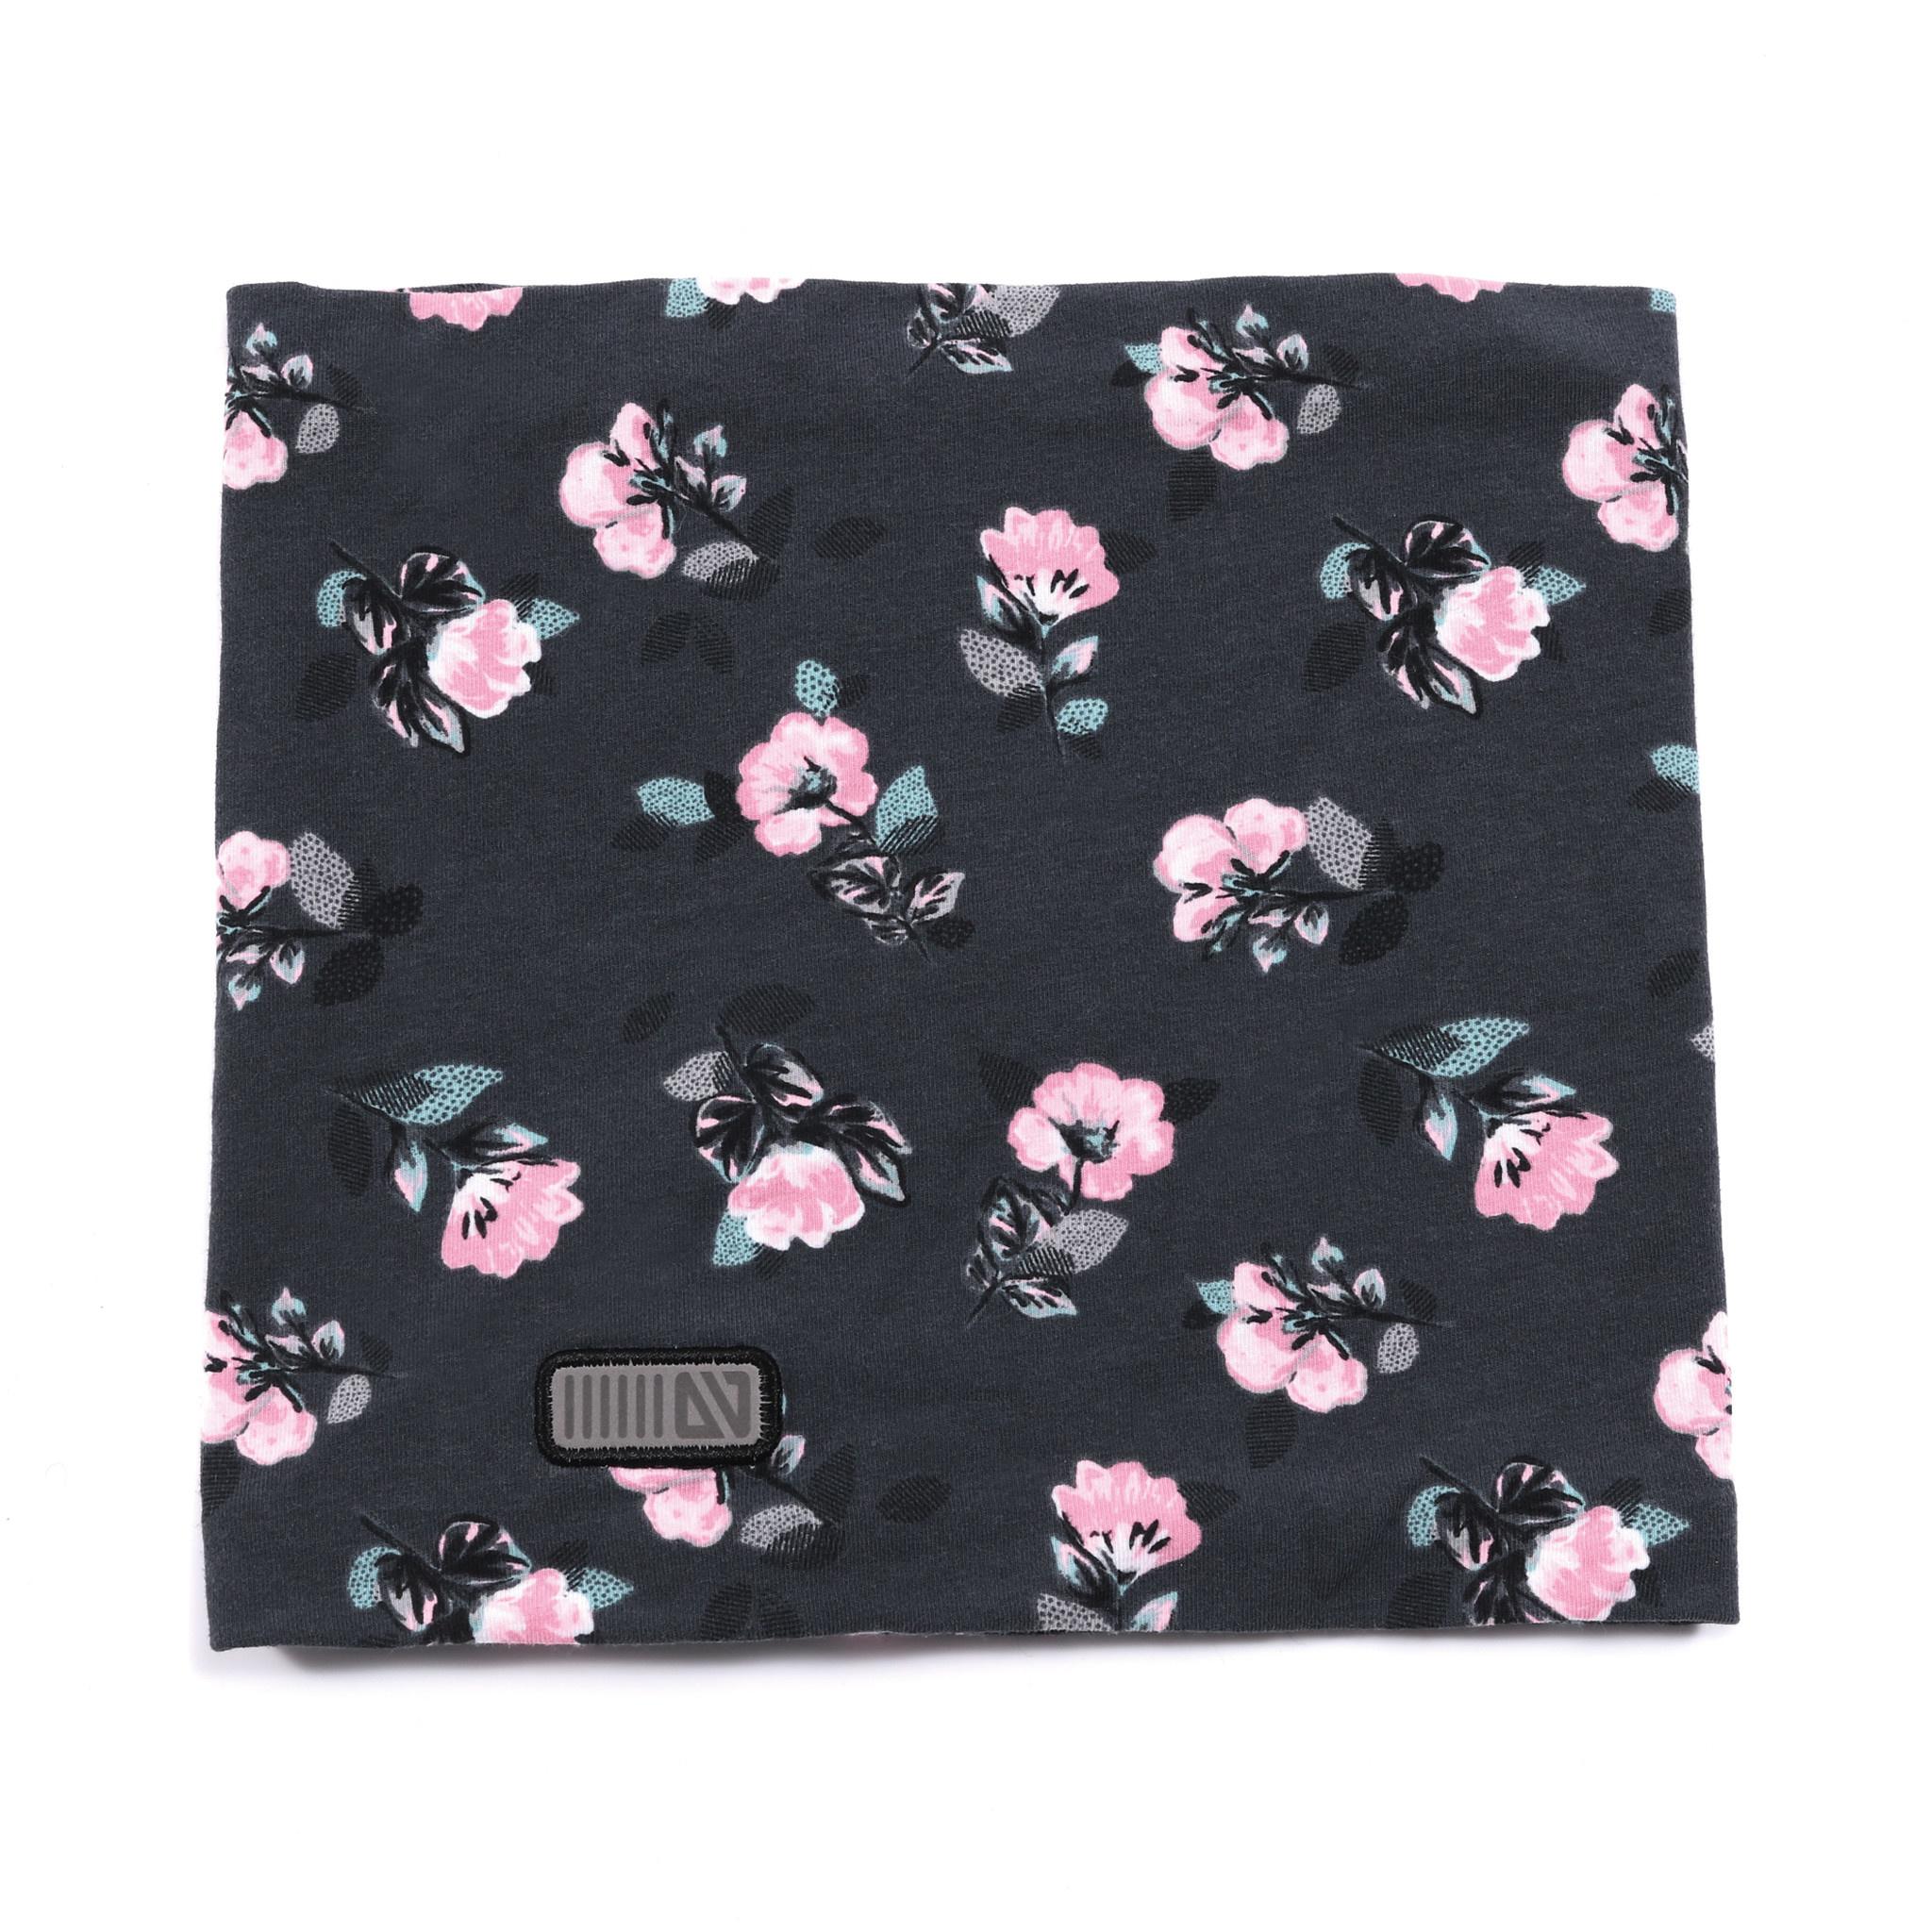 Cache-cou en jersey Charcoal Fleurs-2